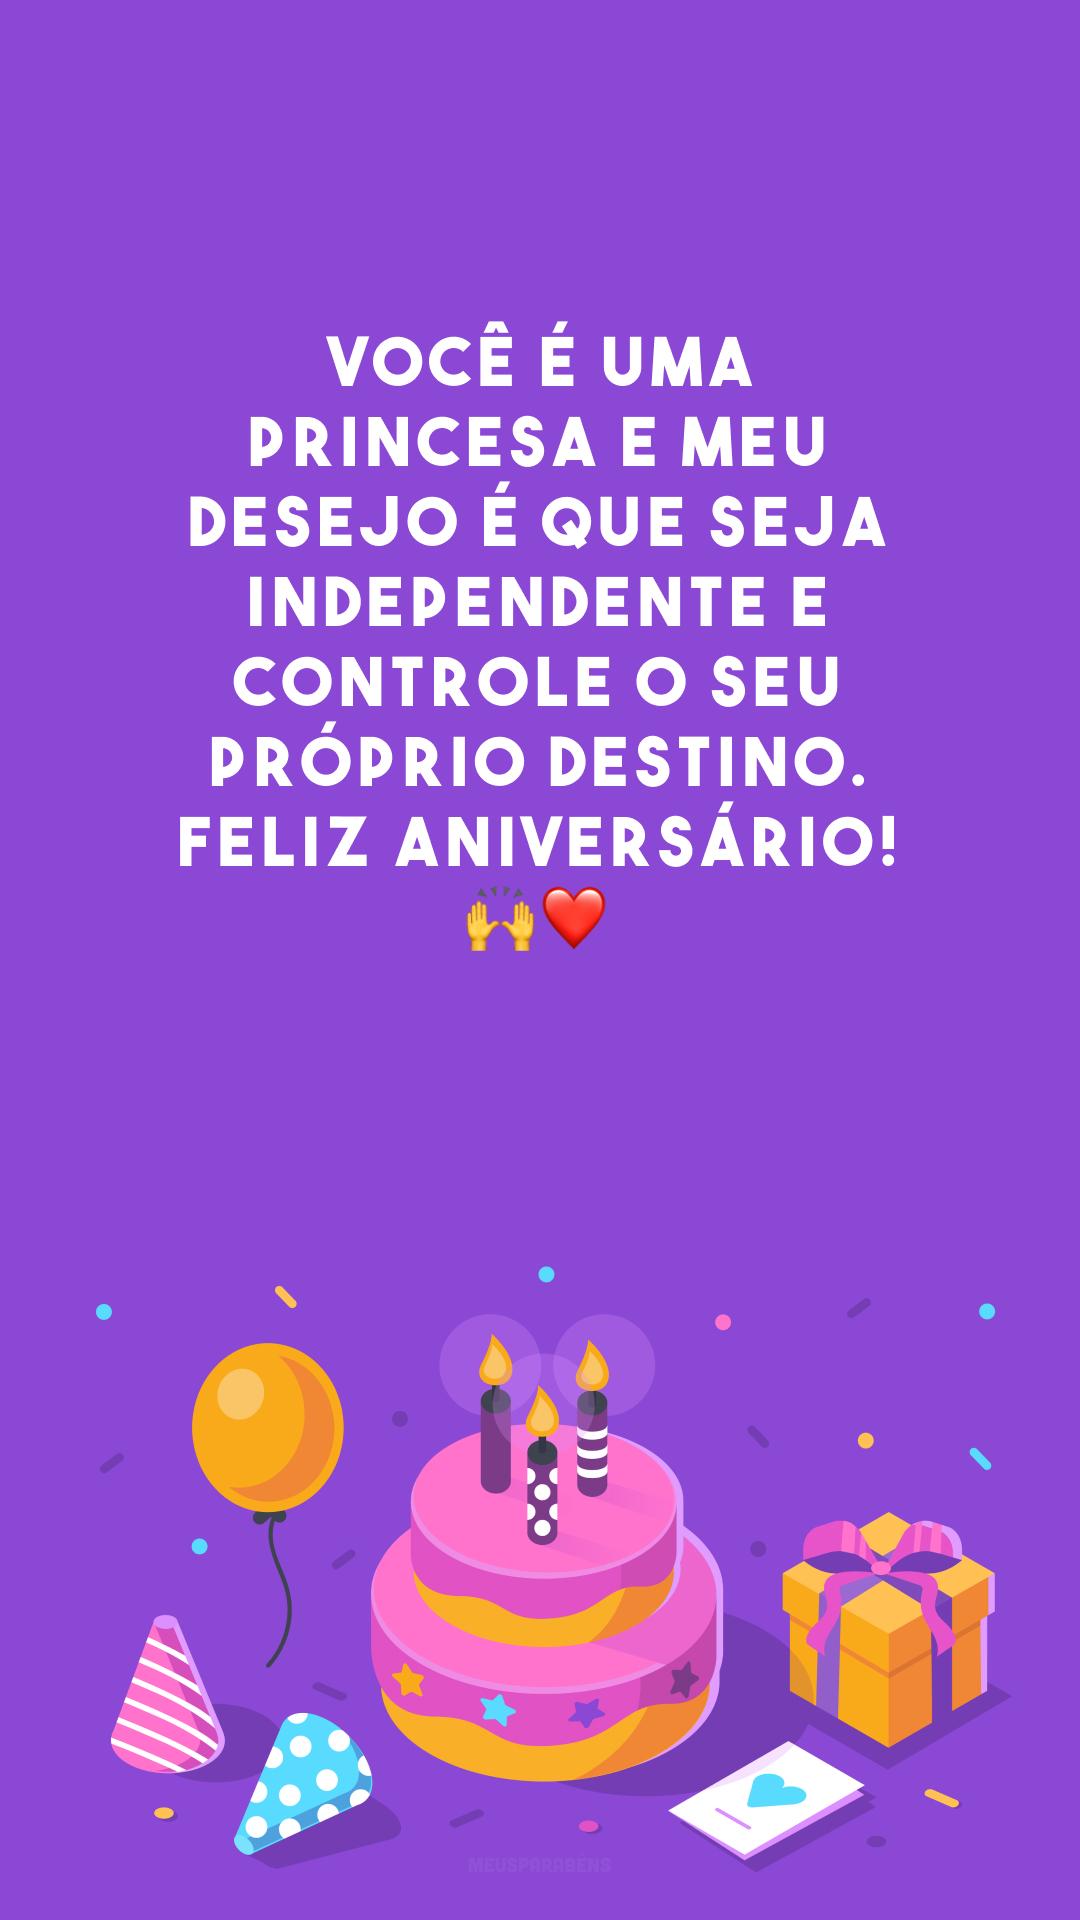 Você é uma princesa e meu desejo é que seja independente e controle o seu próprio destino. Feliz aniversário! 🙌❤️